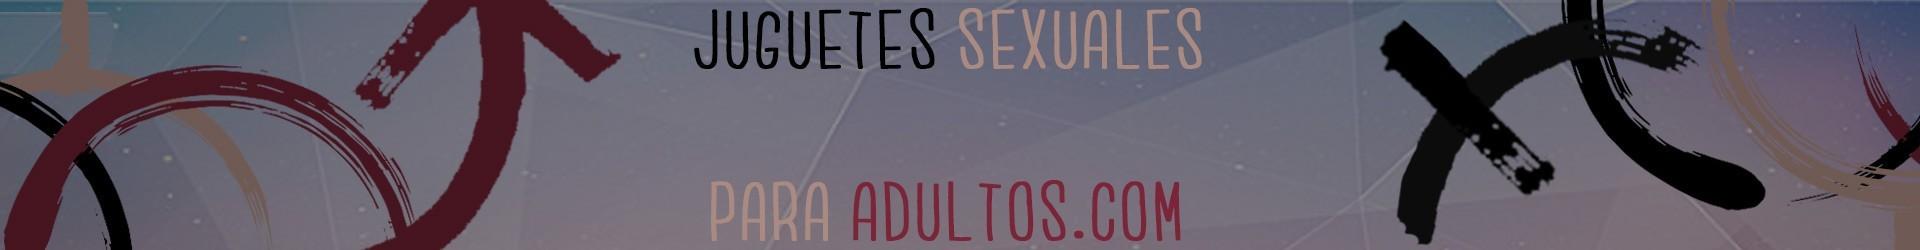 Penes realisticos - Juguetes Sexuales para Adultos